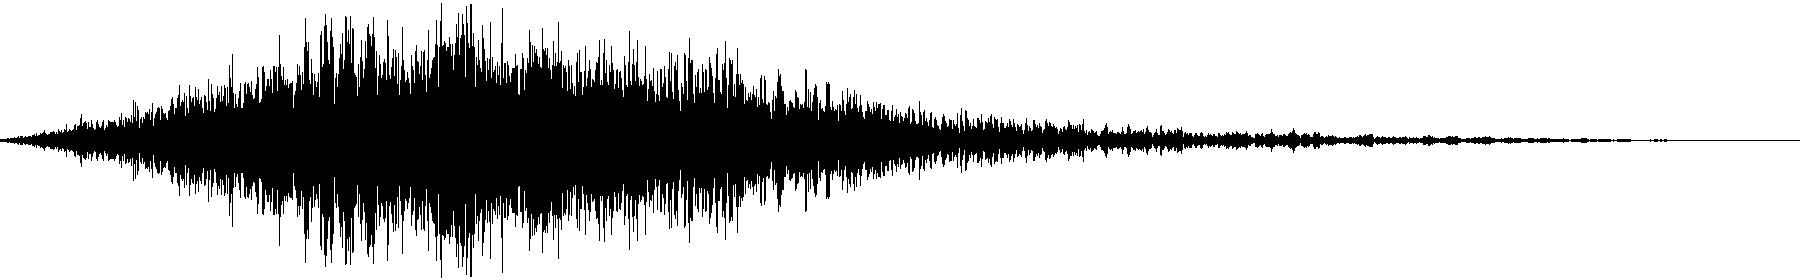 vfx1 atmos 47